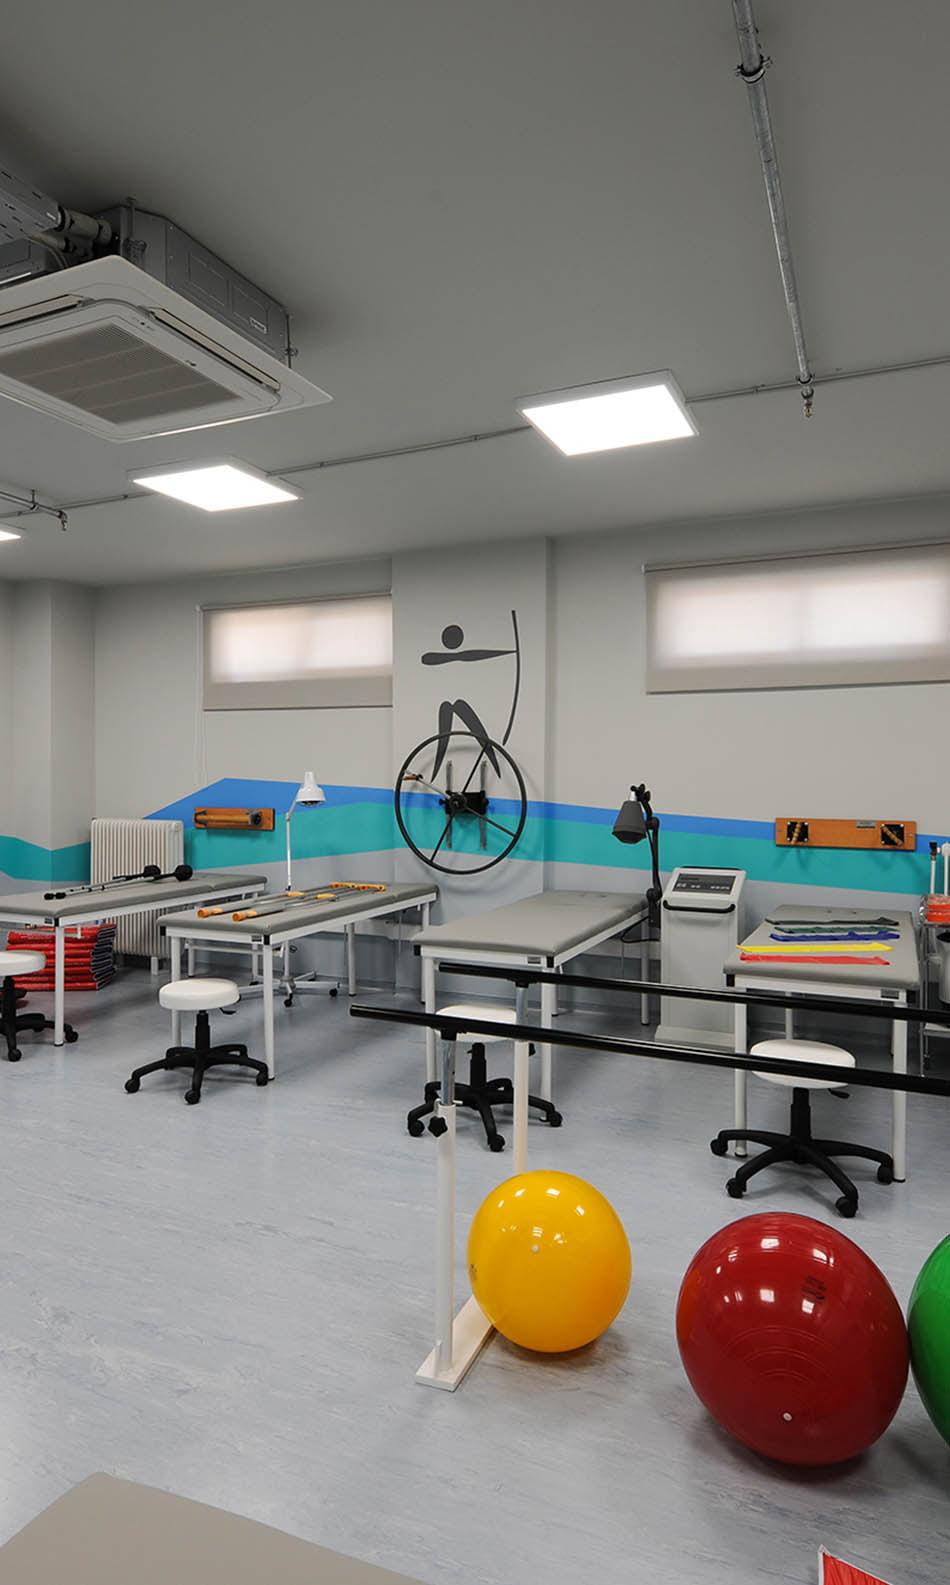 ΙΕΚ ΑΚΜΗ: Εργαστήριο Σχολής Φυσικοθεραπείας